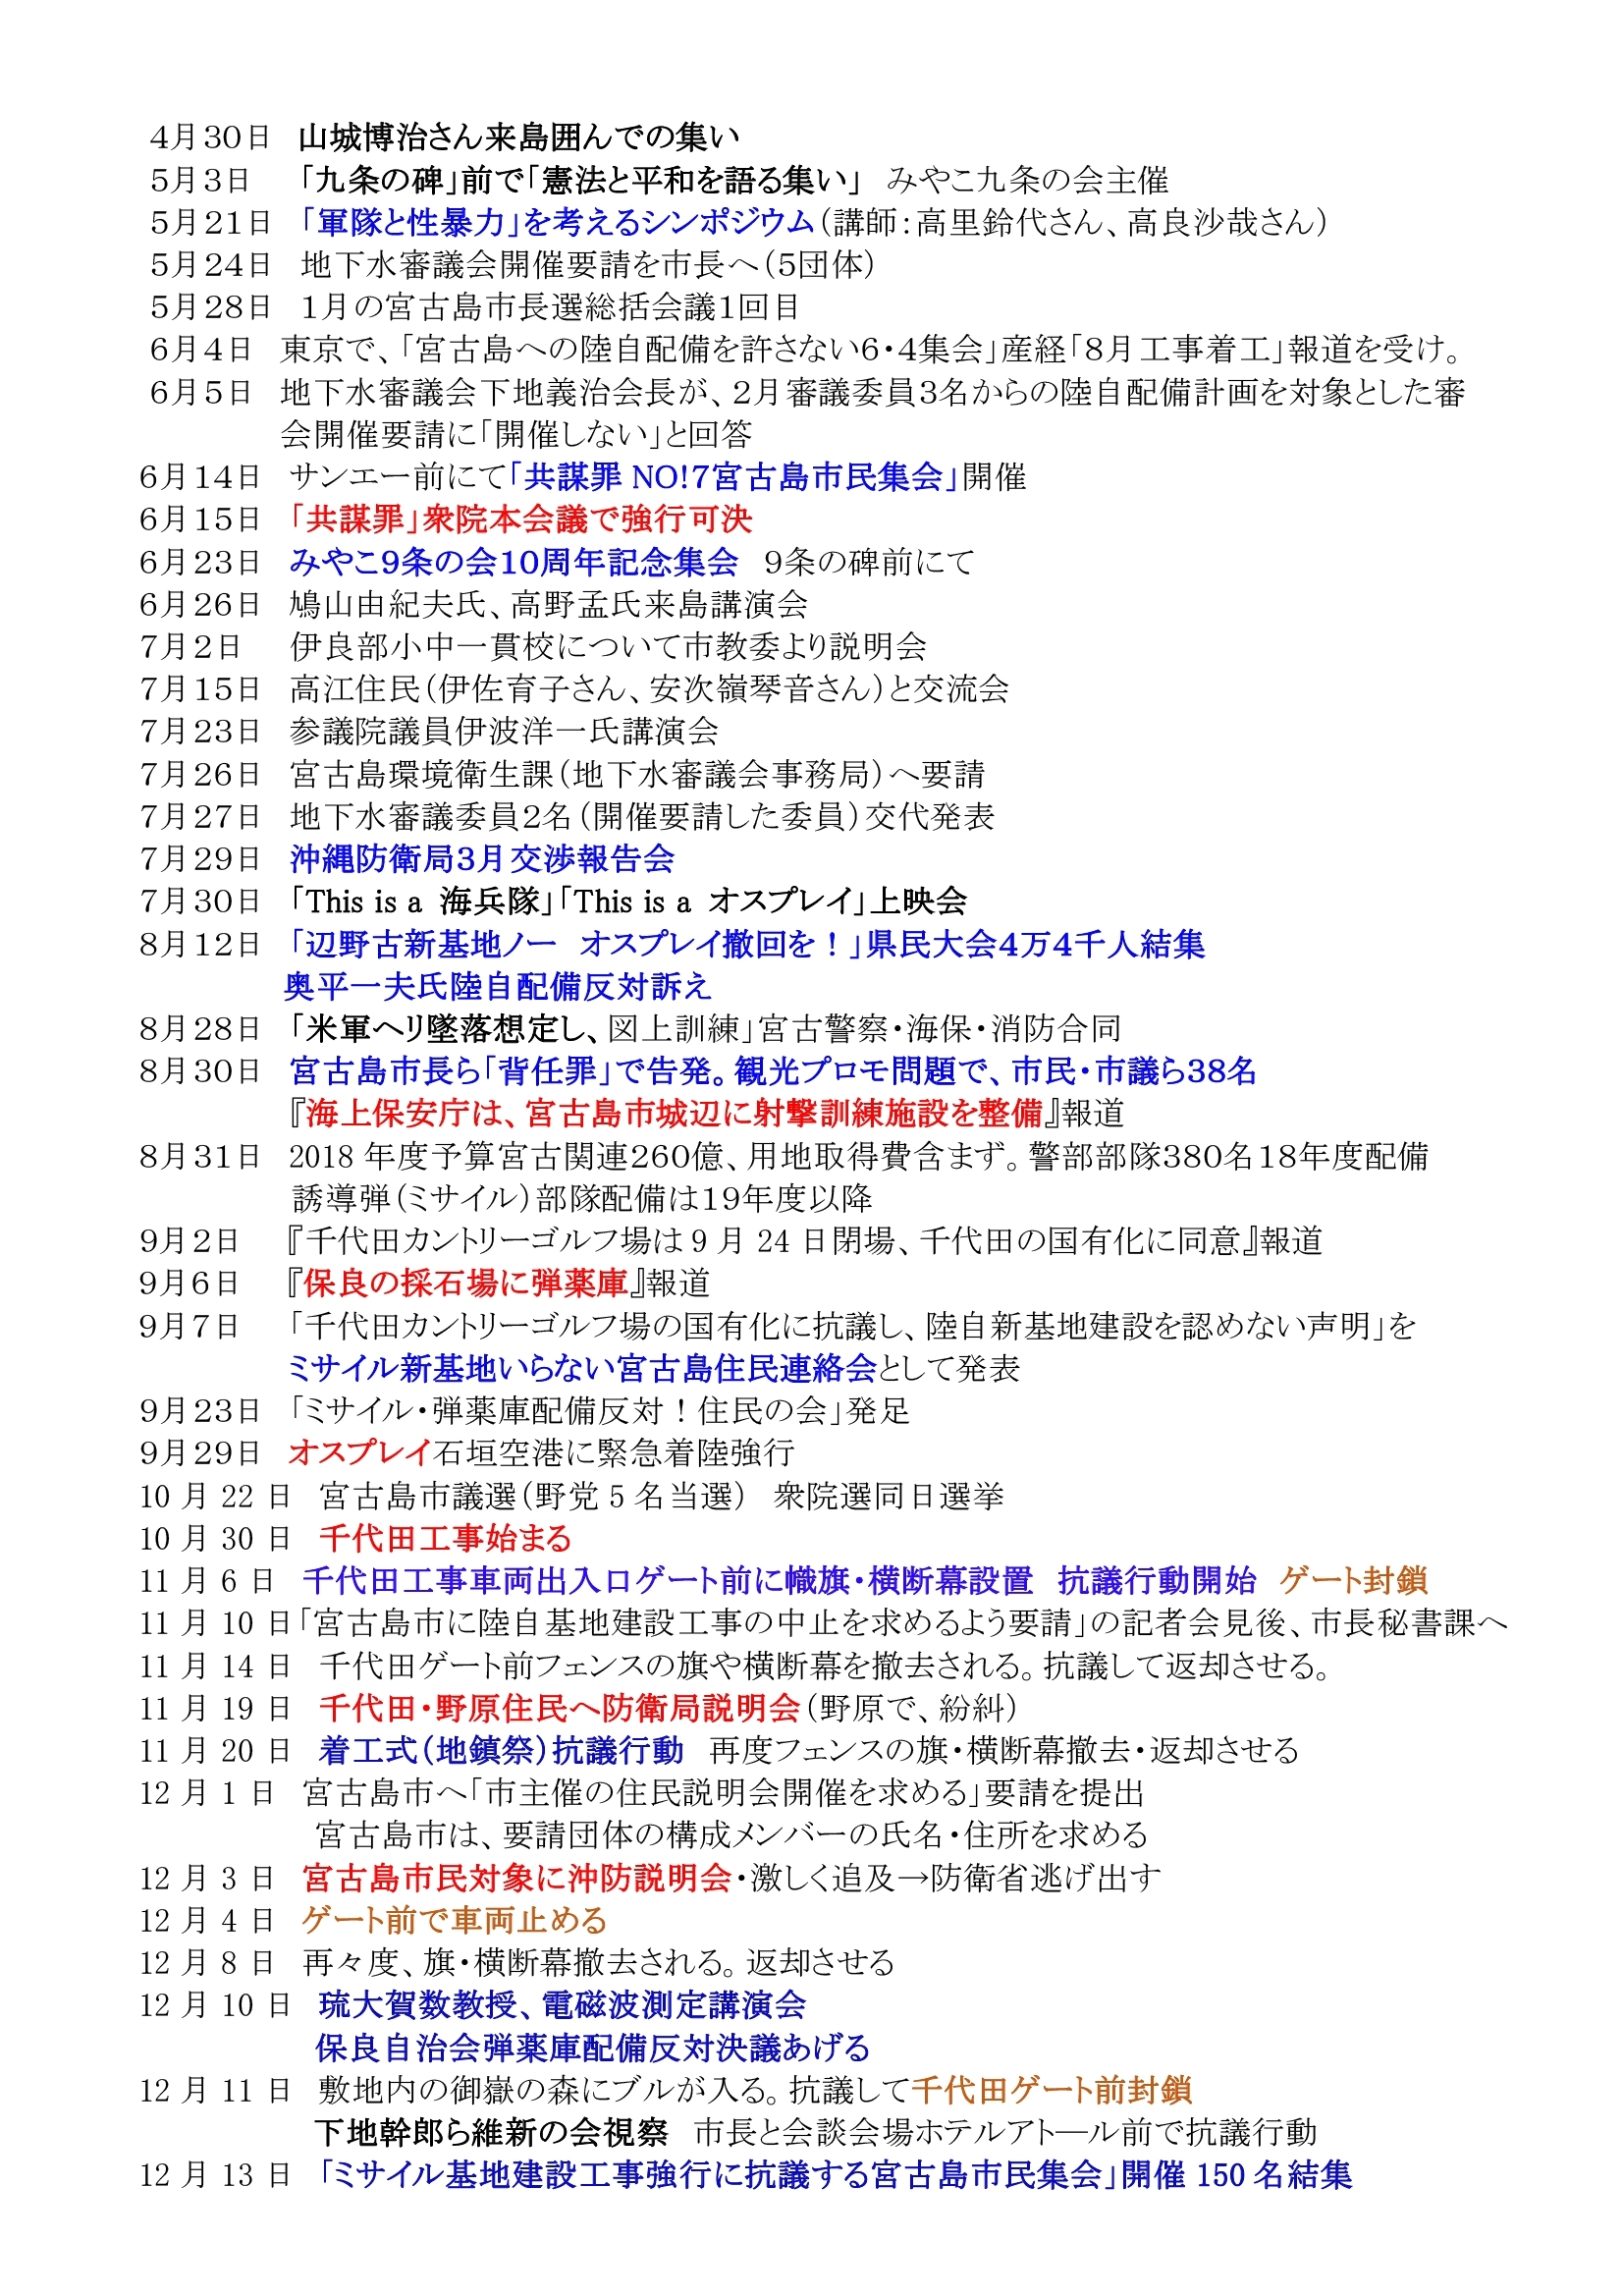 年表:宮古島における反軍反基地の闘い2010~2020 08